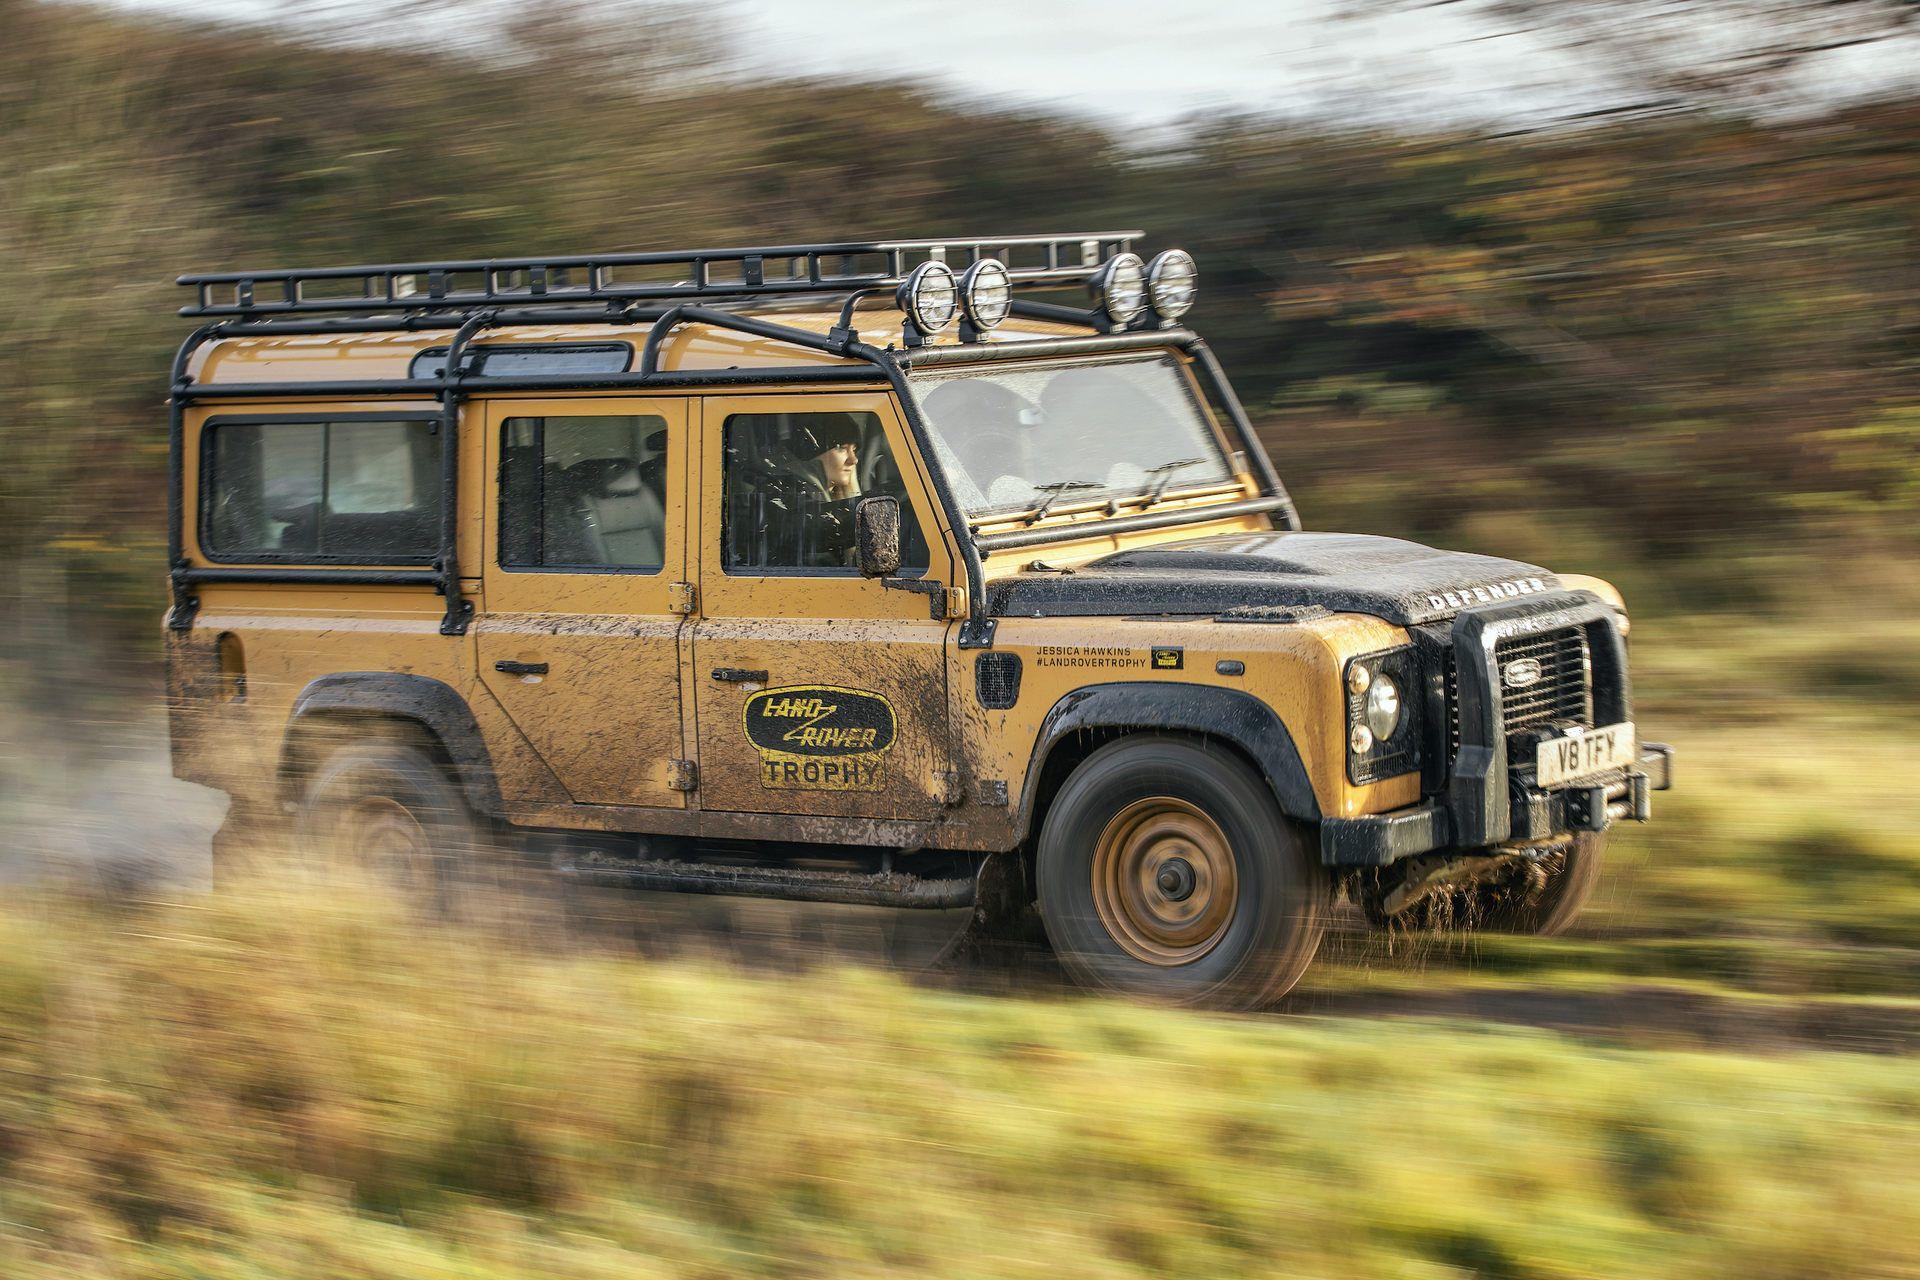 Land-Rover-Defender-Works-V8-Trophy-21